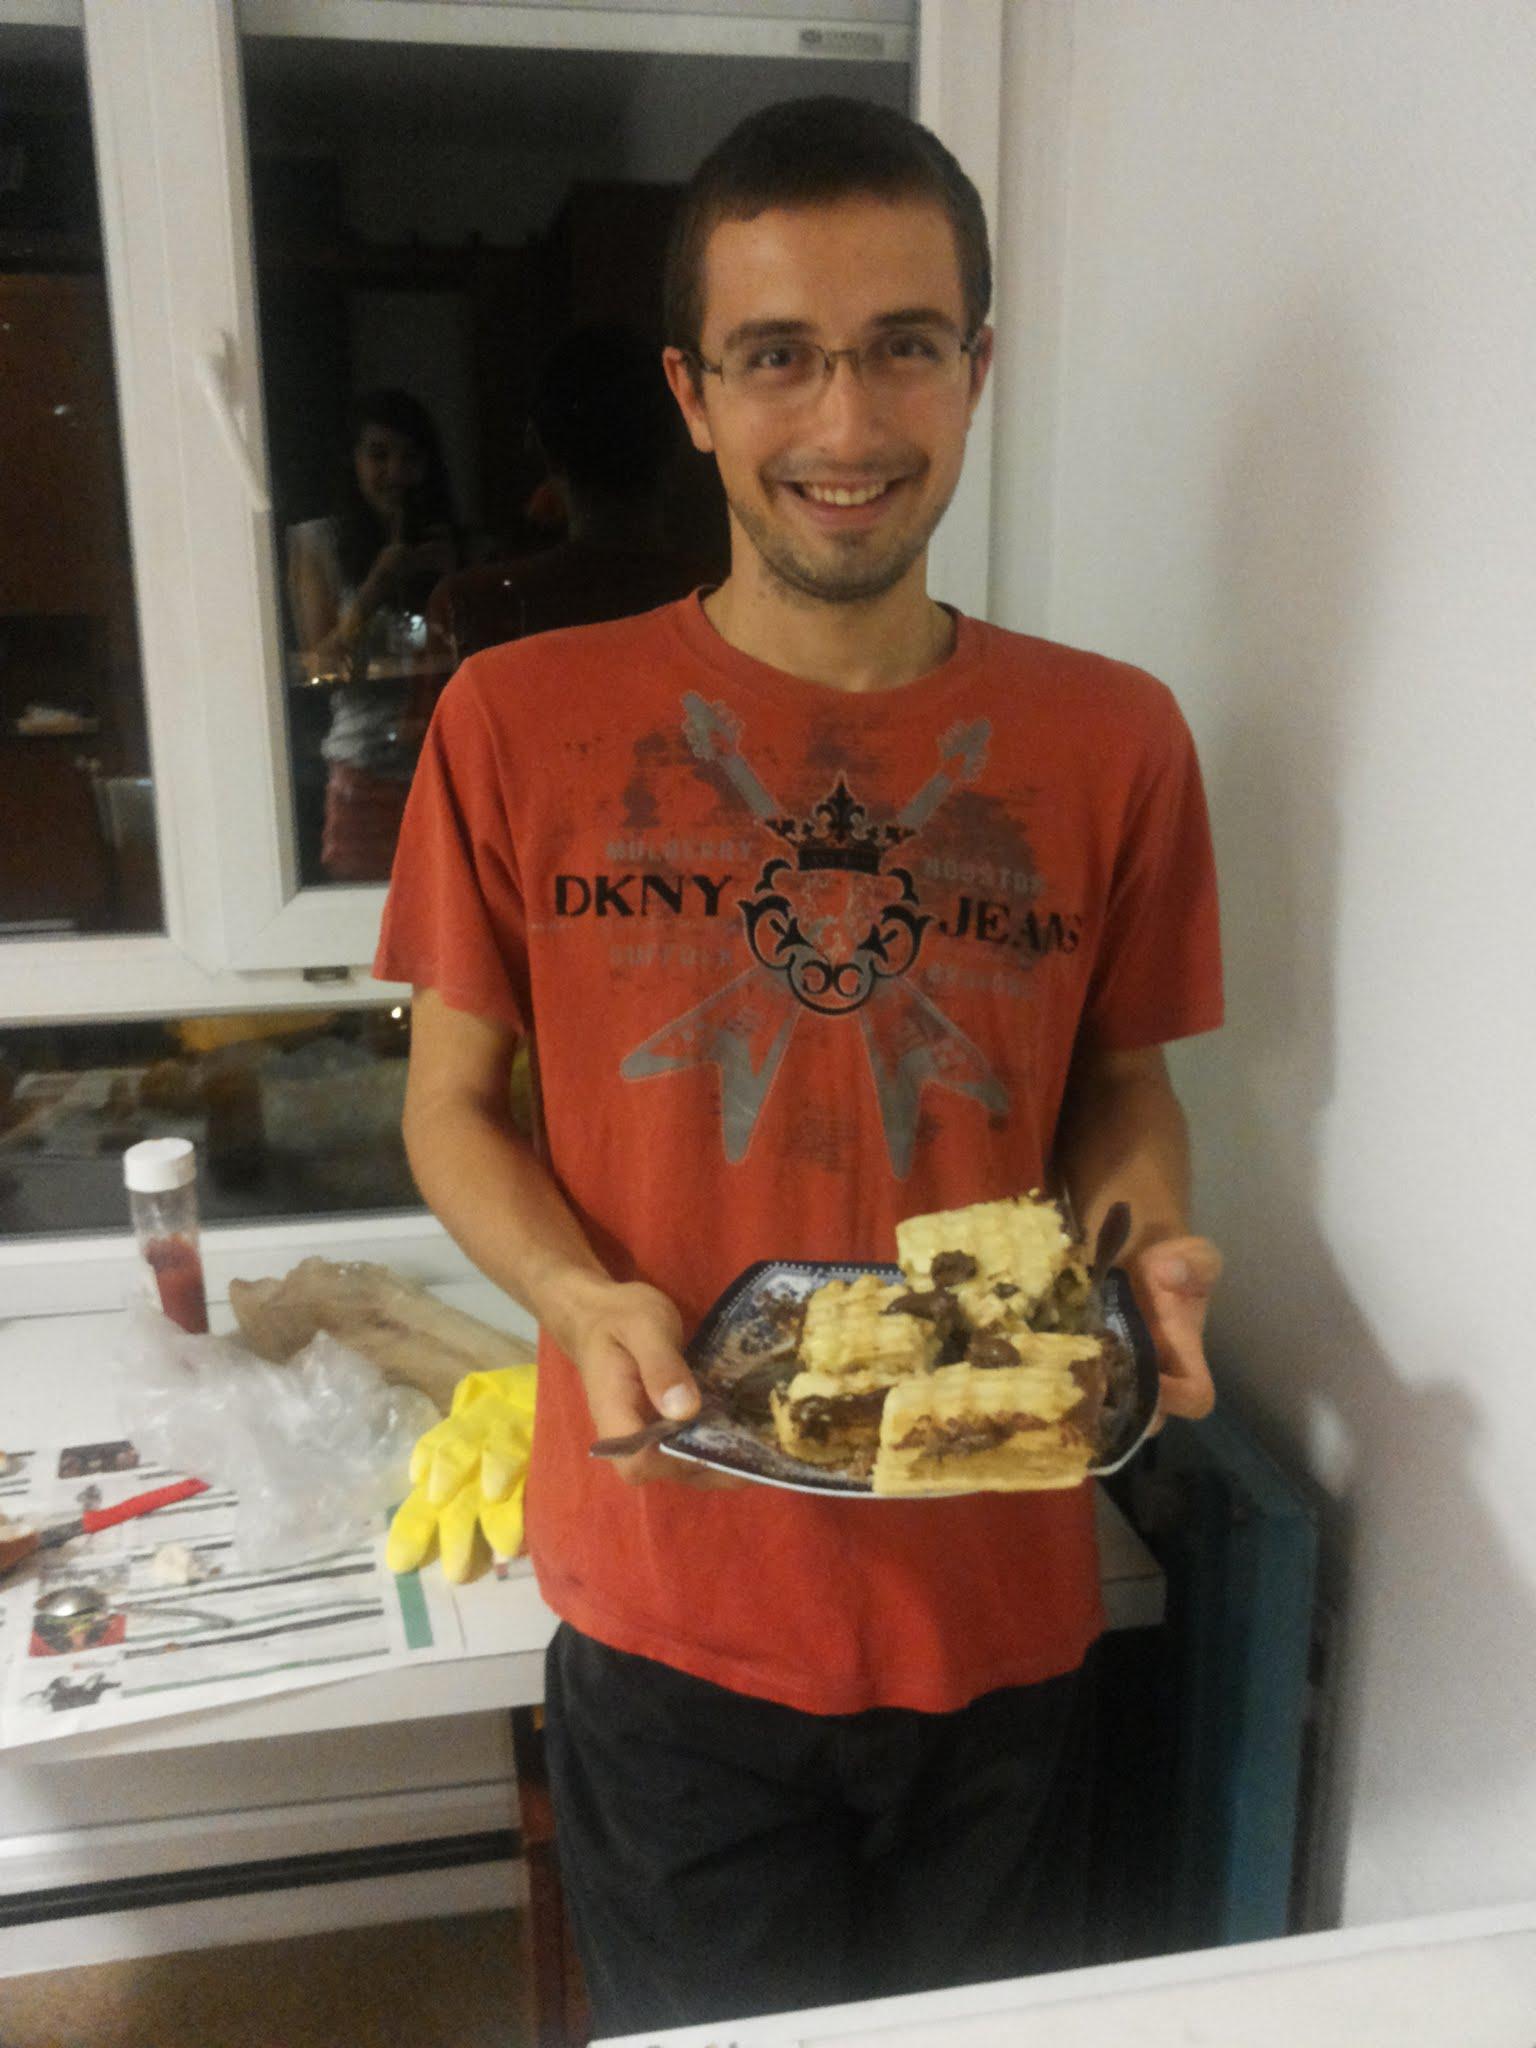 Surpriza facuta de ziua mea de catre Andreea si colegele mele din Erasmus, Irina si Ana. Un tort din Nutella. Va multumesc!